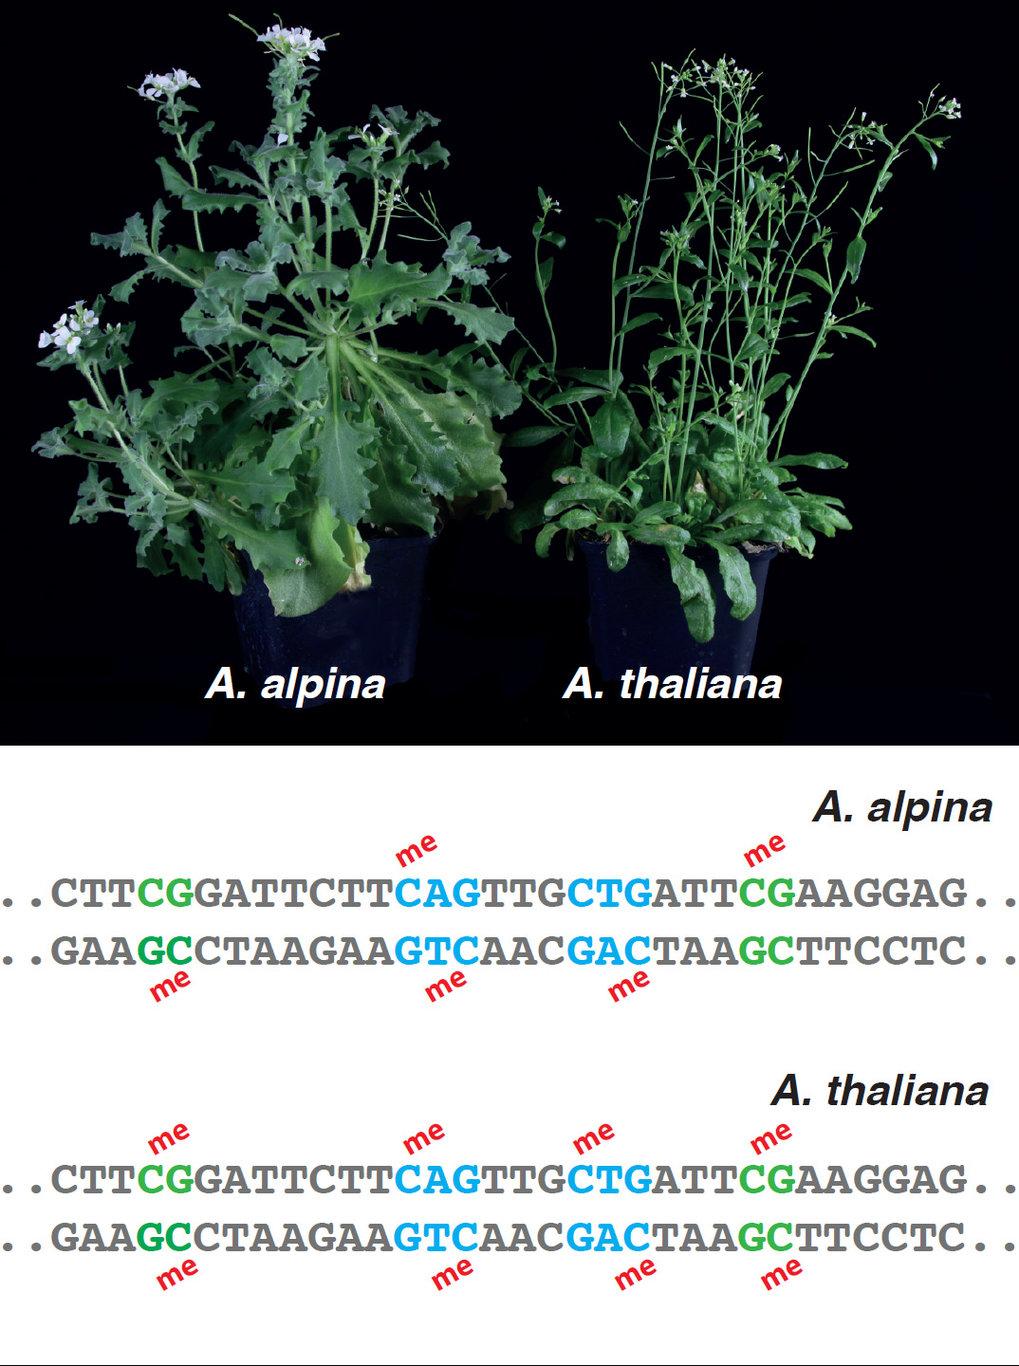 Abb. 2: Die zwei nahverwandten Kreuzblütlerarten Arabis alpina und Arabidopsis thaliana haben Genome, die eine Ähnlichkeit von über 90% zeigen. DNA-Me